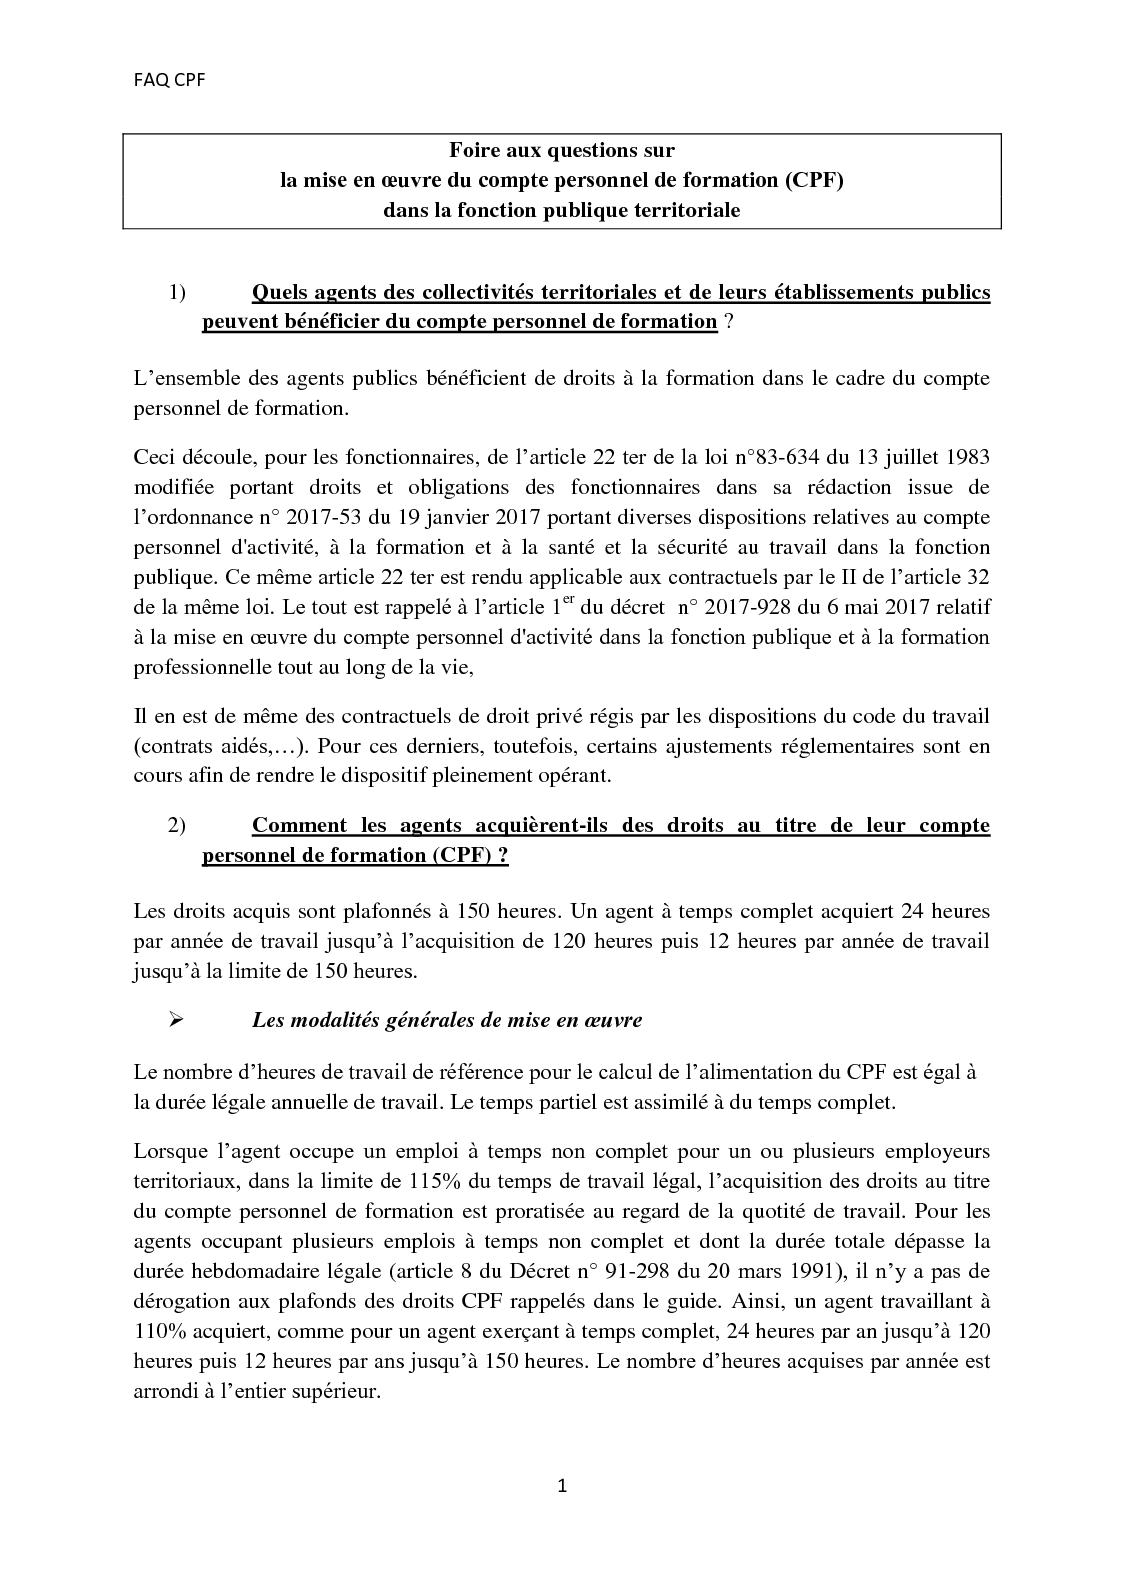 Calameo Faq Cfp Fonction Publique Territorriale